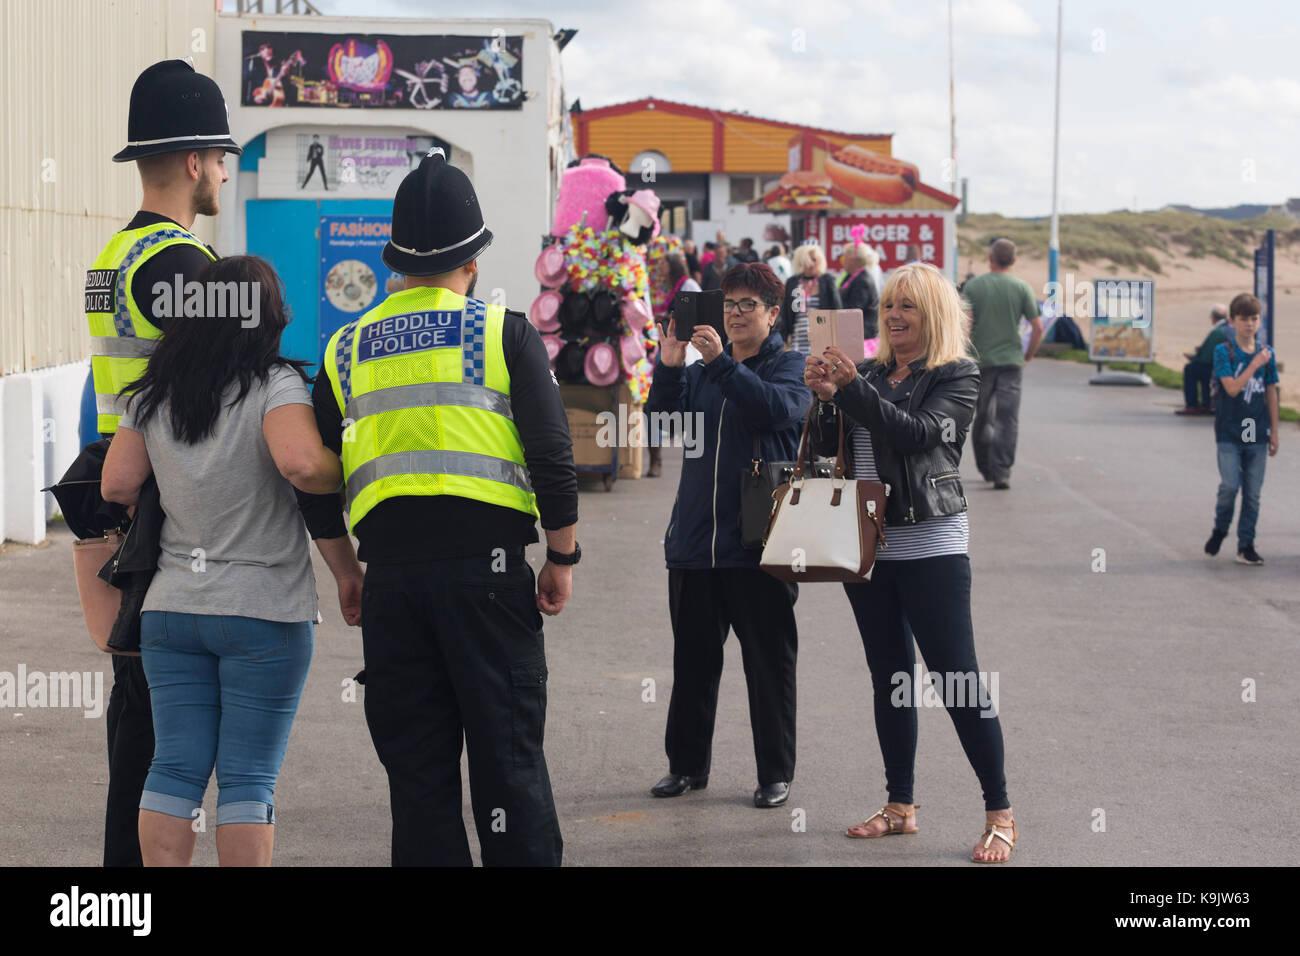 Les visiteurs du Festival Elvis Presley de Porthcawl, Porthcawl, le Pays de Galles ont une photo prise avec des Photo Stock